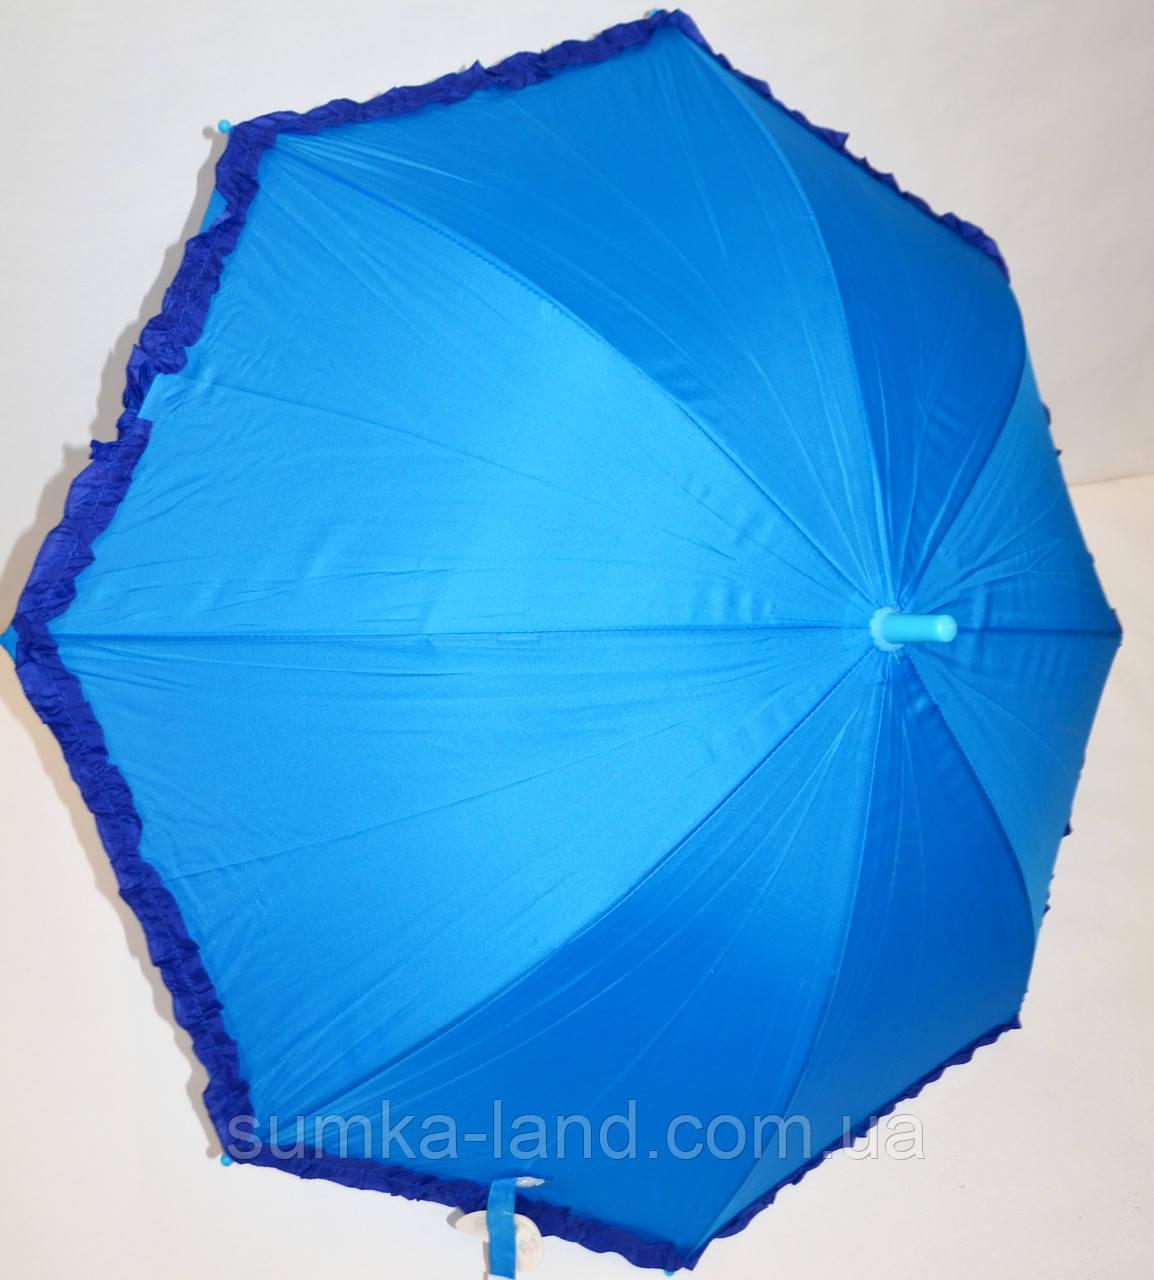 Детский голубой зонт-трость для девочек Star Rain с синими оборками, на 8 спиц